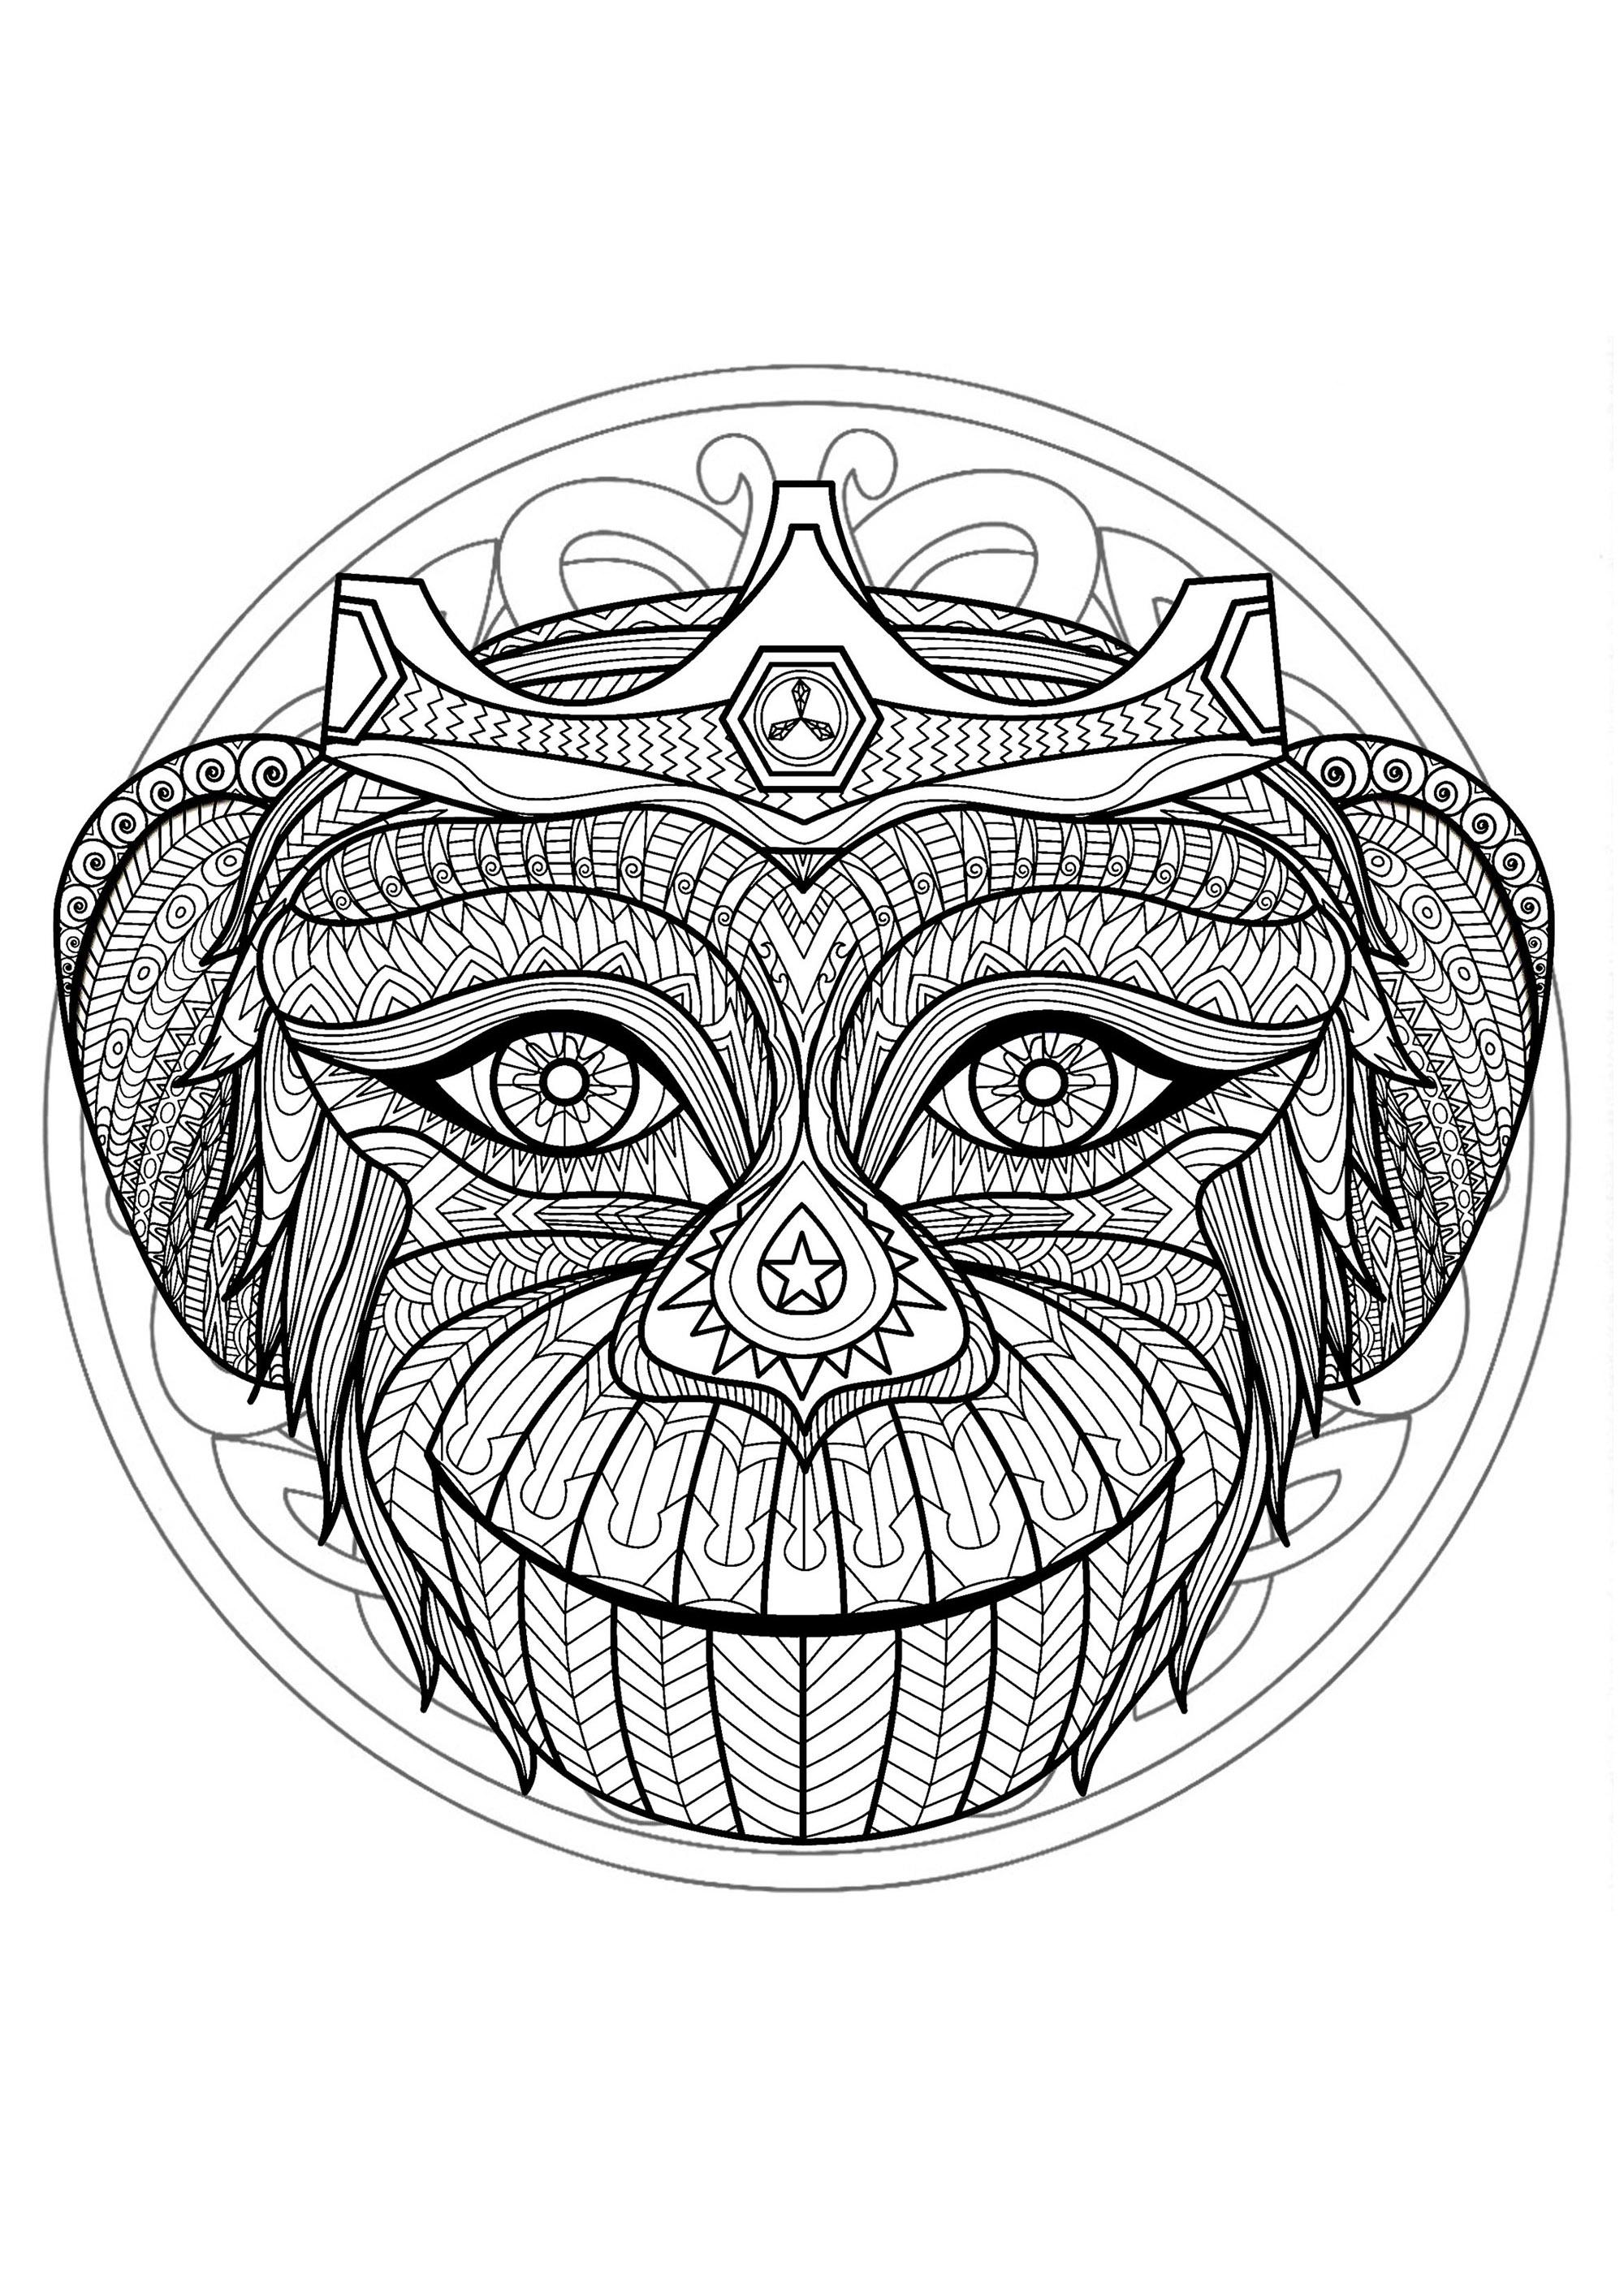 Mandala gratuit tete singe coloriage mandalas coloriages pour enfants - Dessine gratuit ...